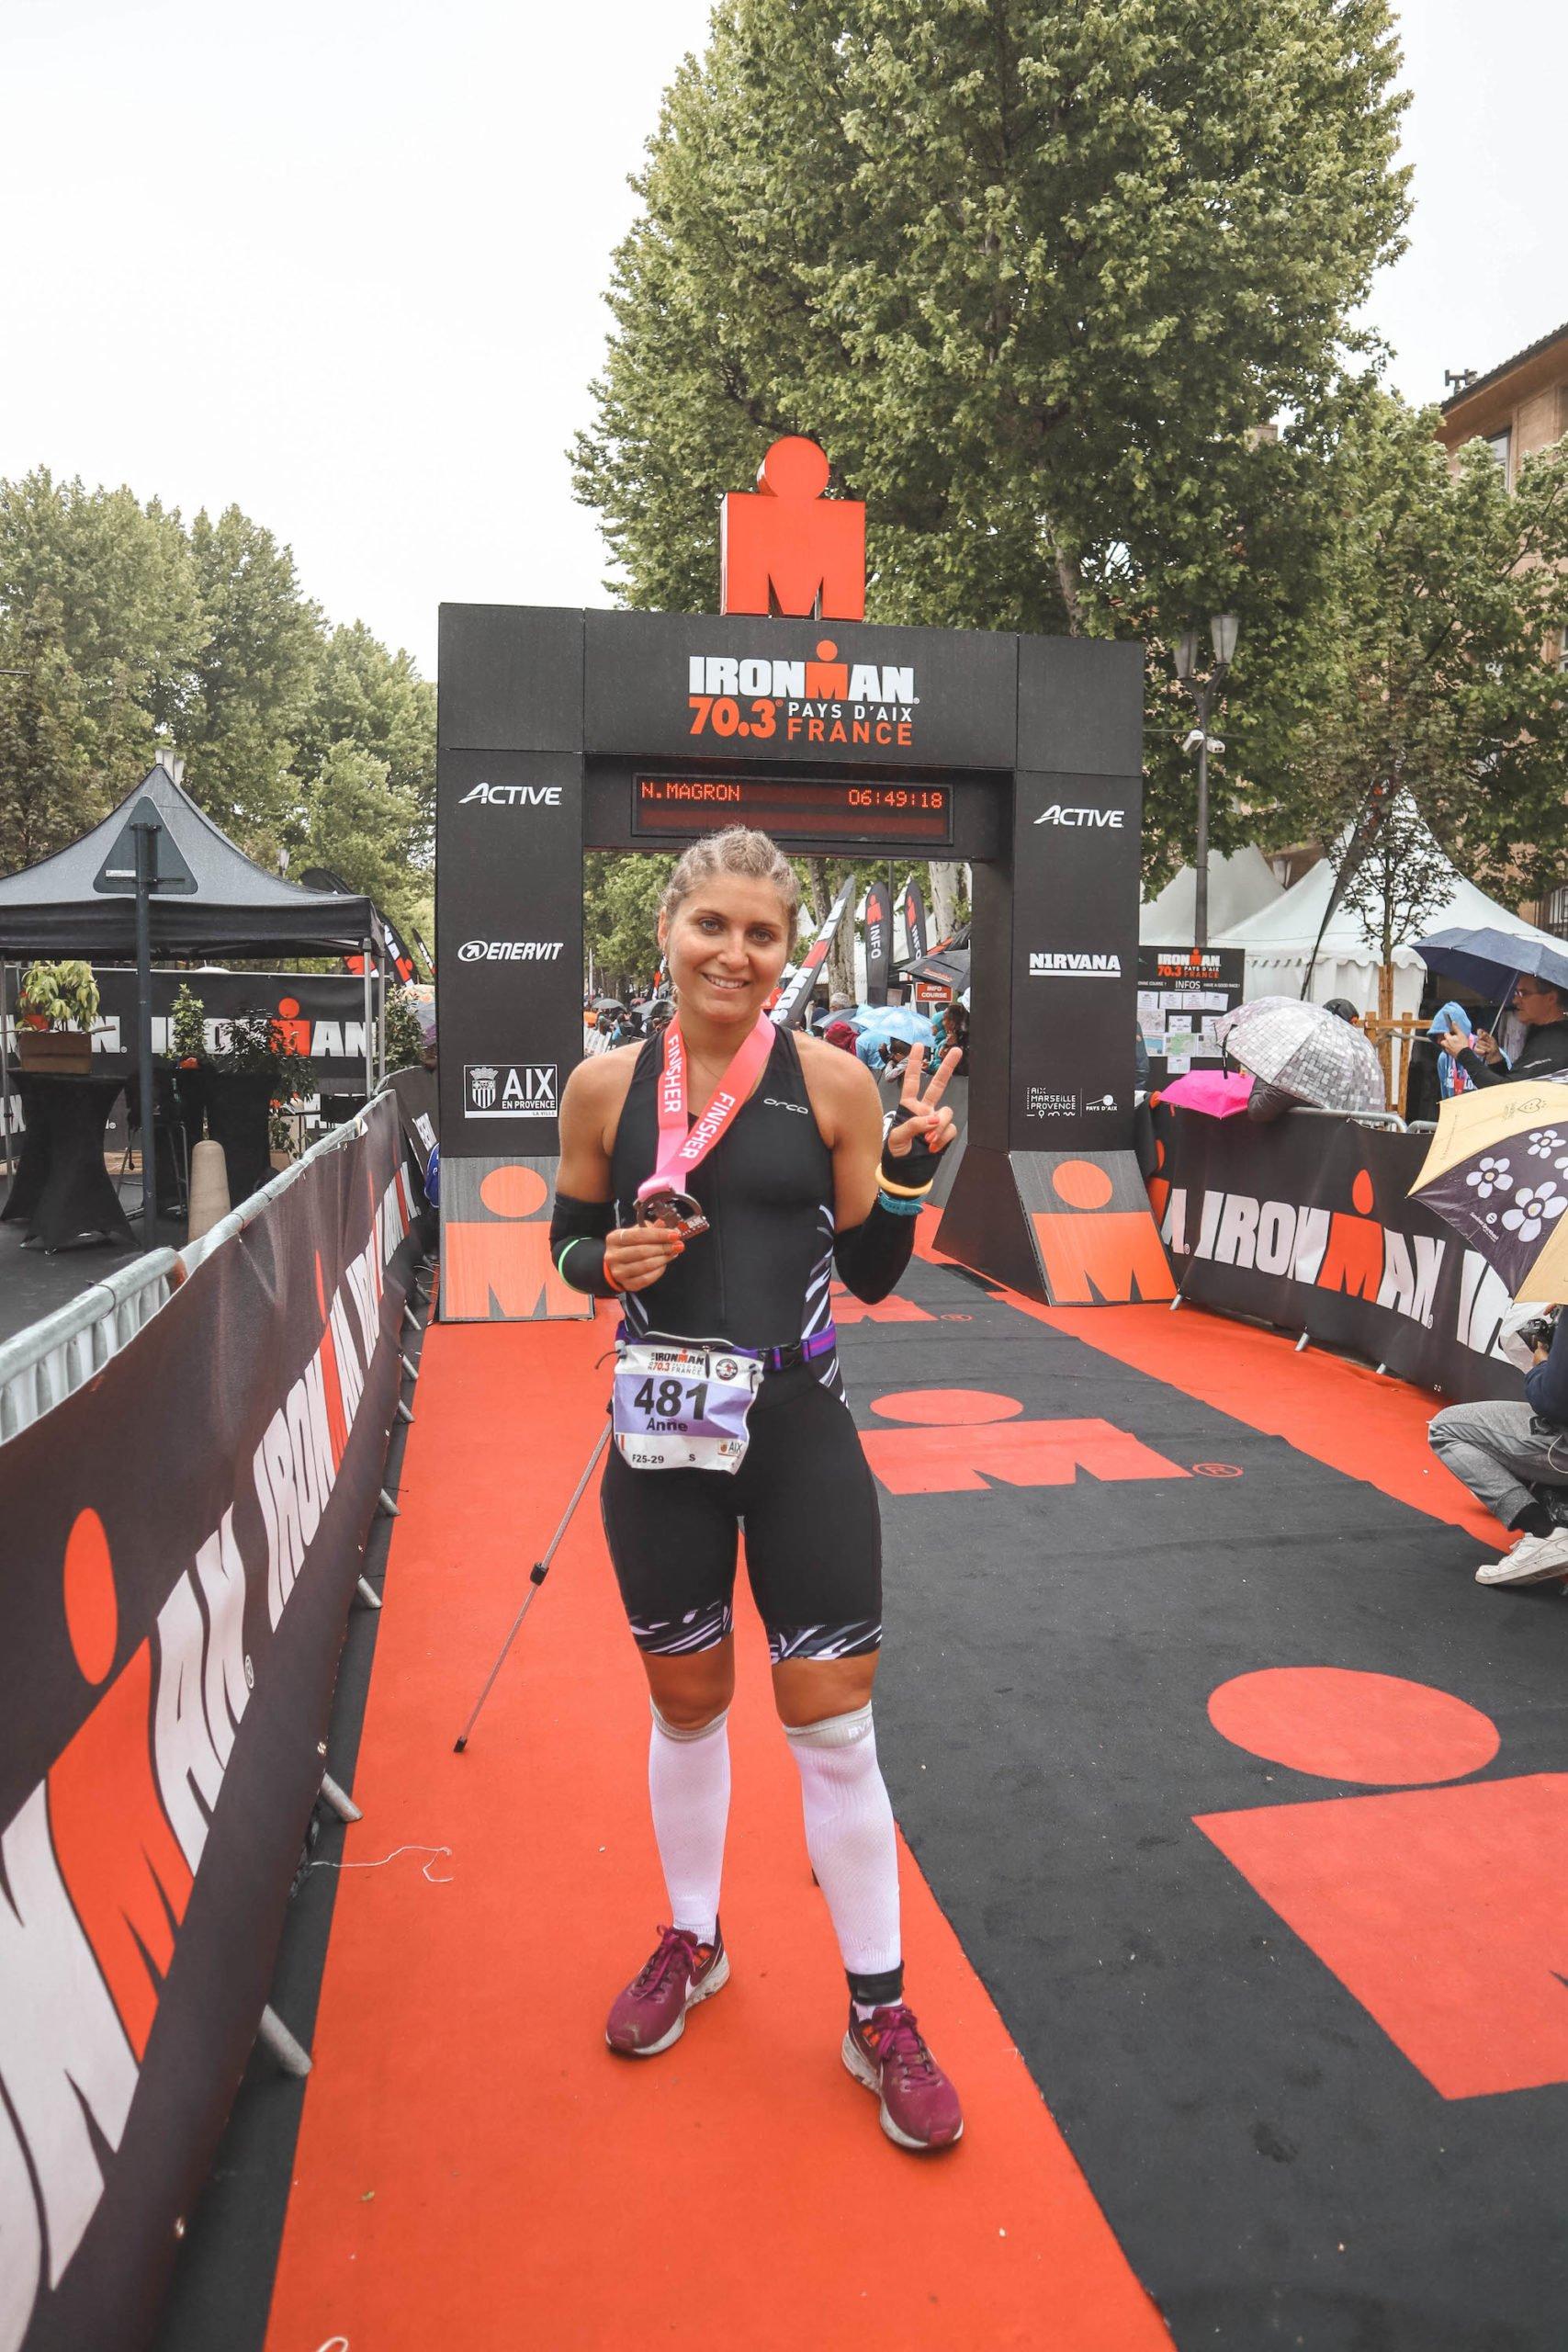 Compte-Rendu: Ironman 70.3 Aix-en-Provence 2018